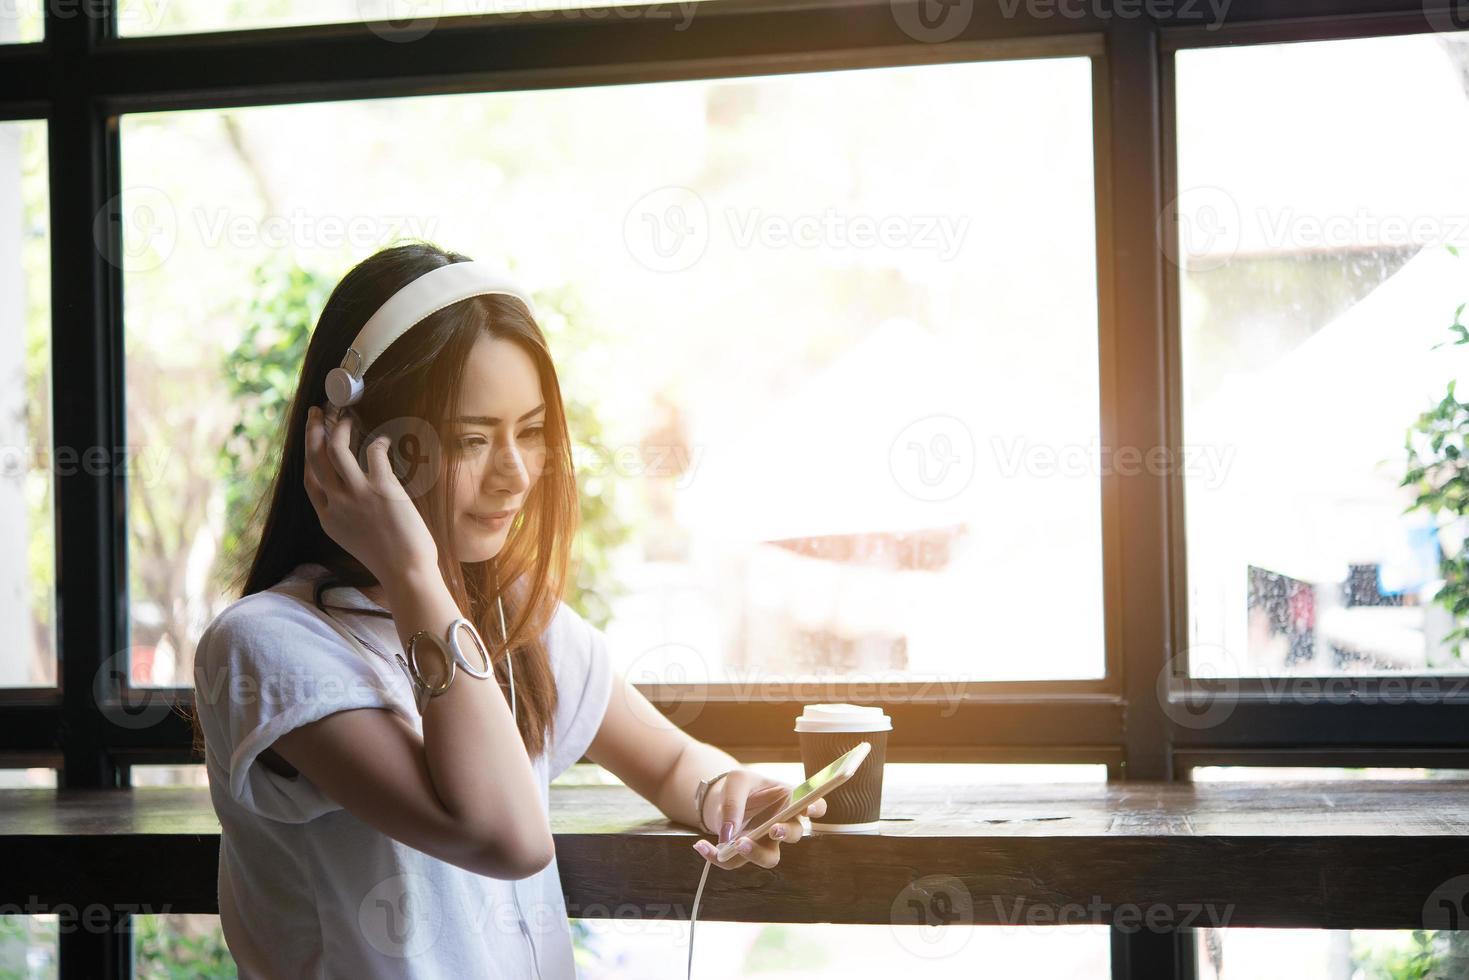 jeune femme écoutant de la musique sur des écouteurs avec fond de rebord de fenêtre. photo